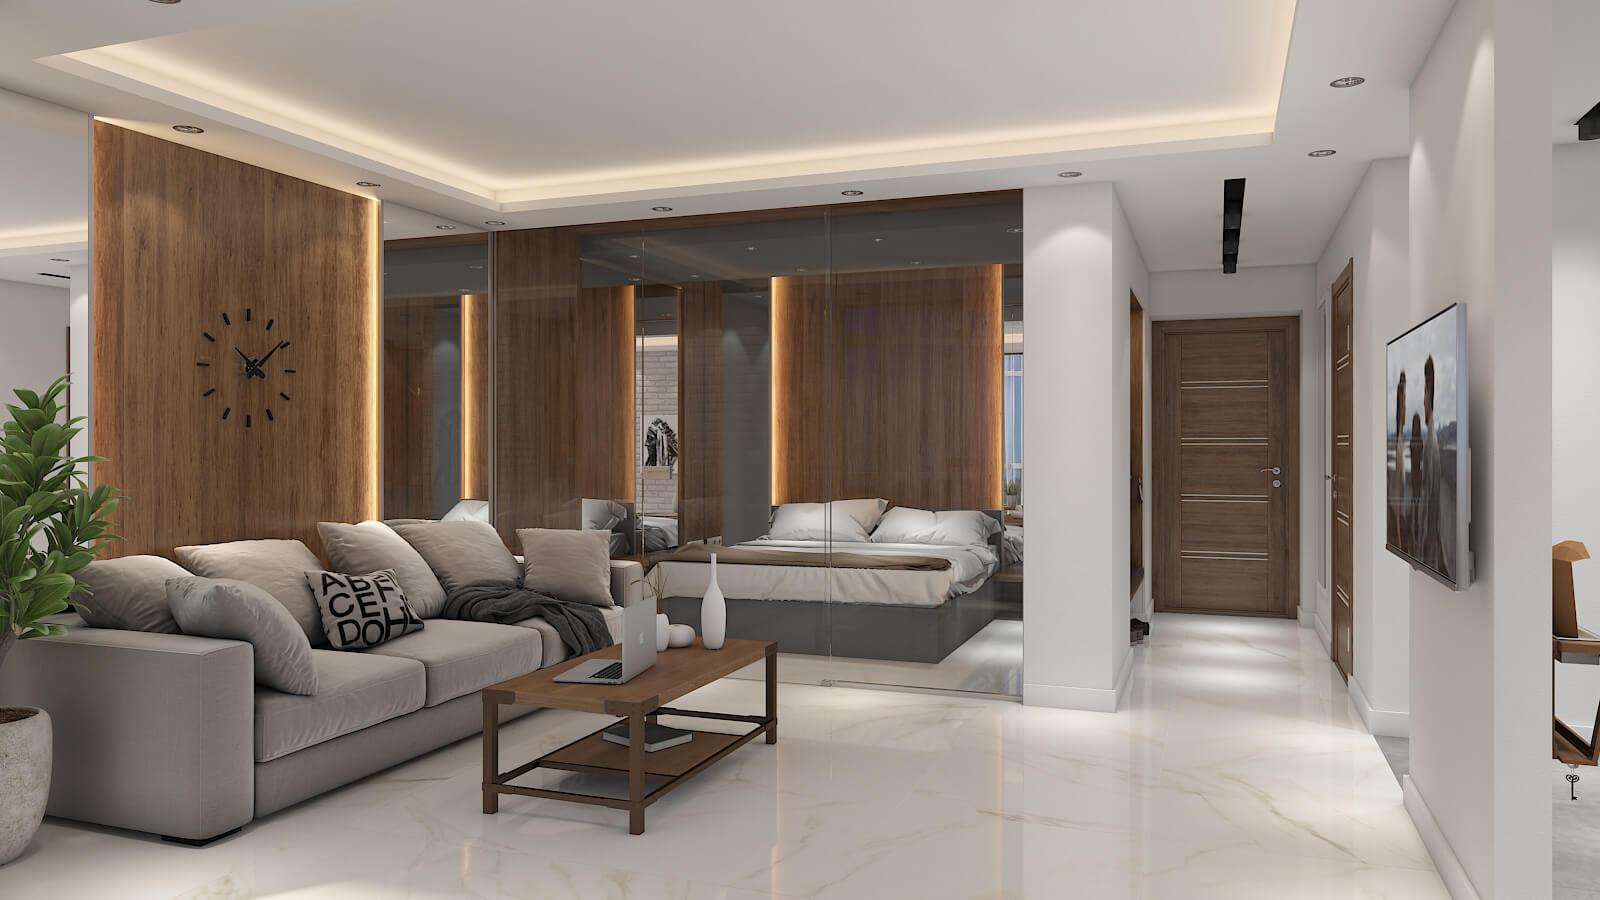 Дизайн проект квартира студия, спаьня со стеклянной перегородкой, Киев | фото 2